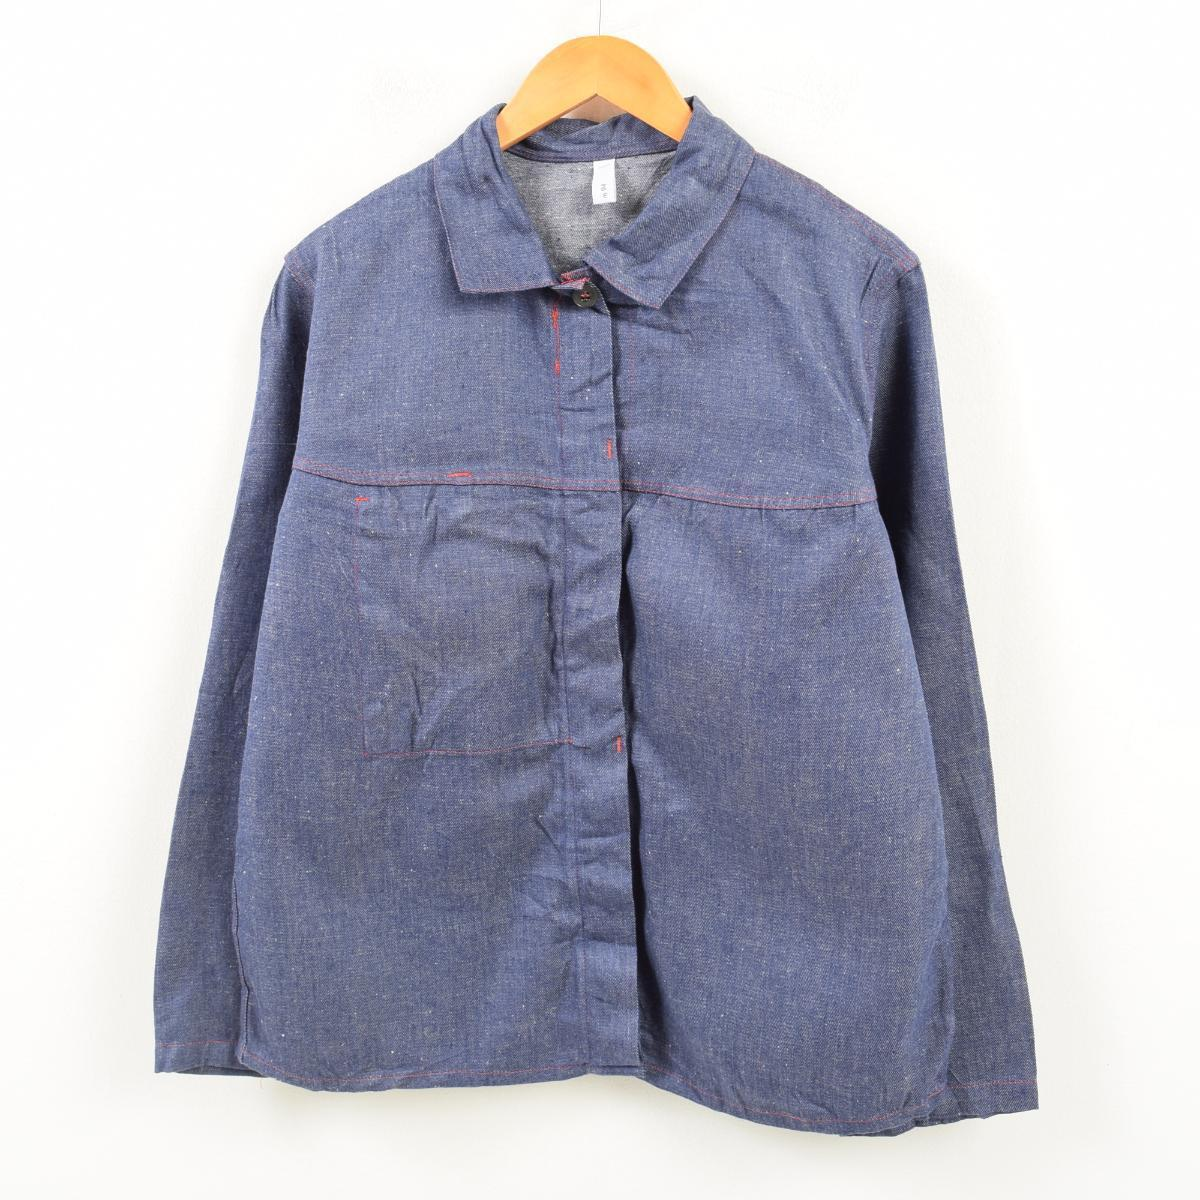 デニム ユーロワークジャケット メンズS /wan5213 【中古】 【180325】【SP10】